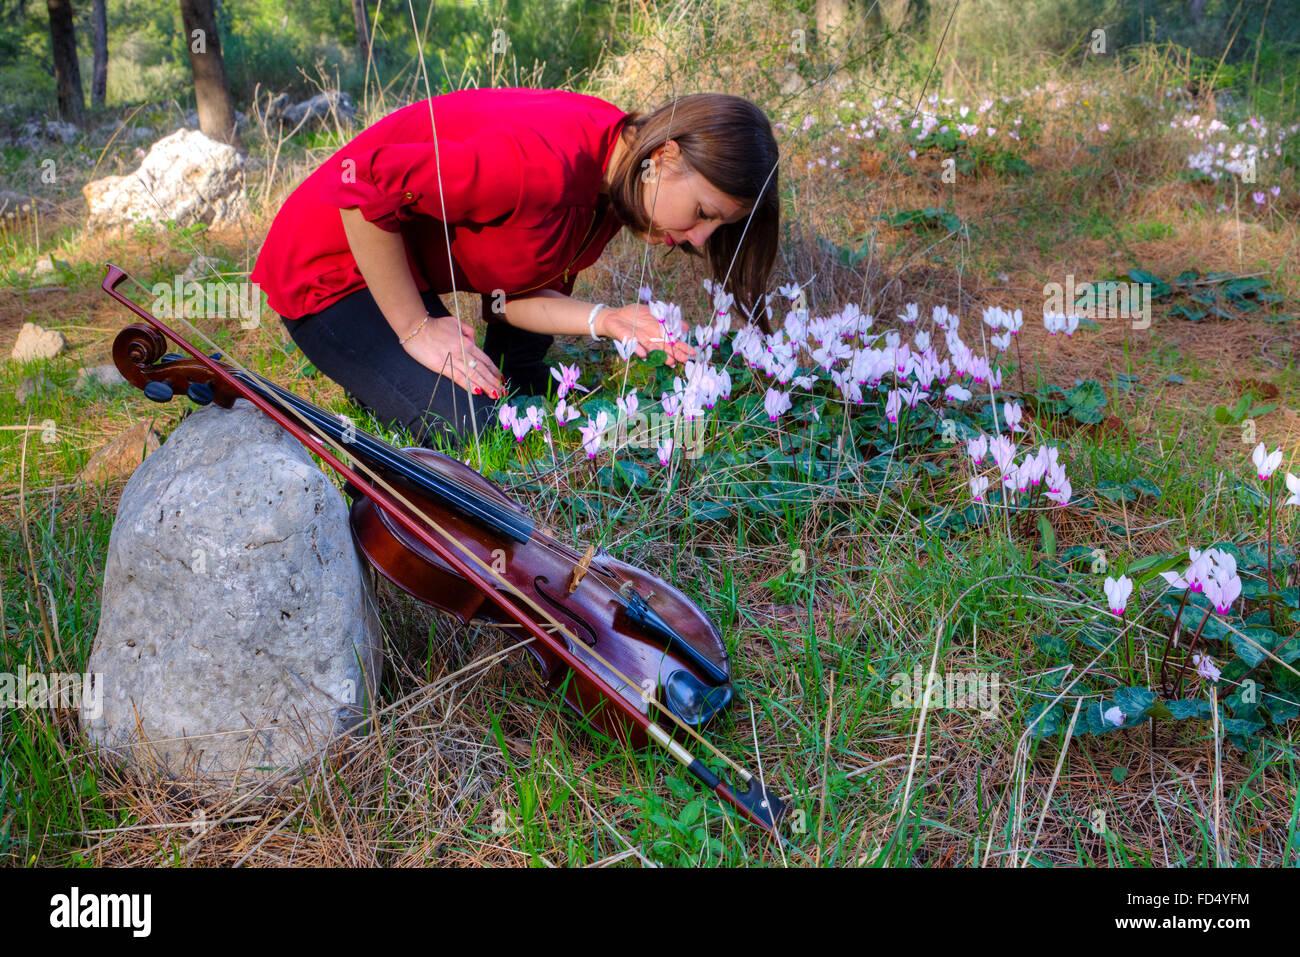 Mädchen hat Violine und sammelt Blumen. Kleine Schärfentiefe Stockbild